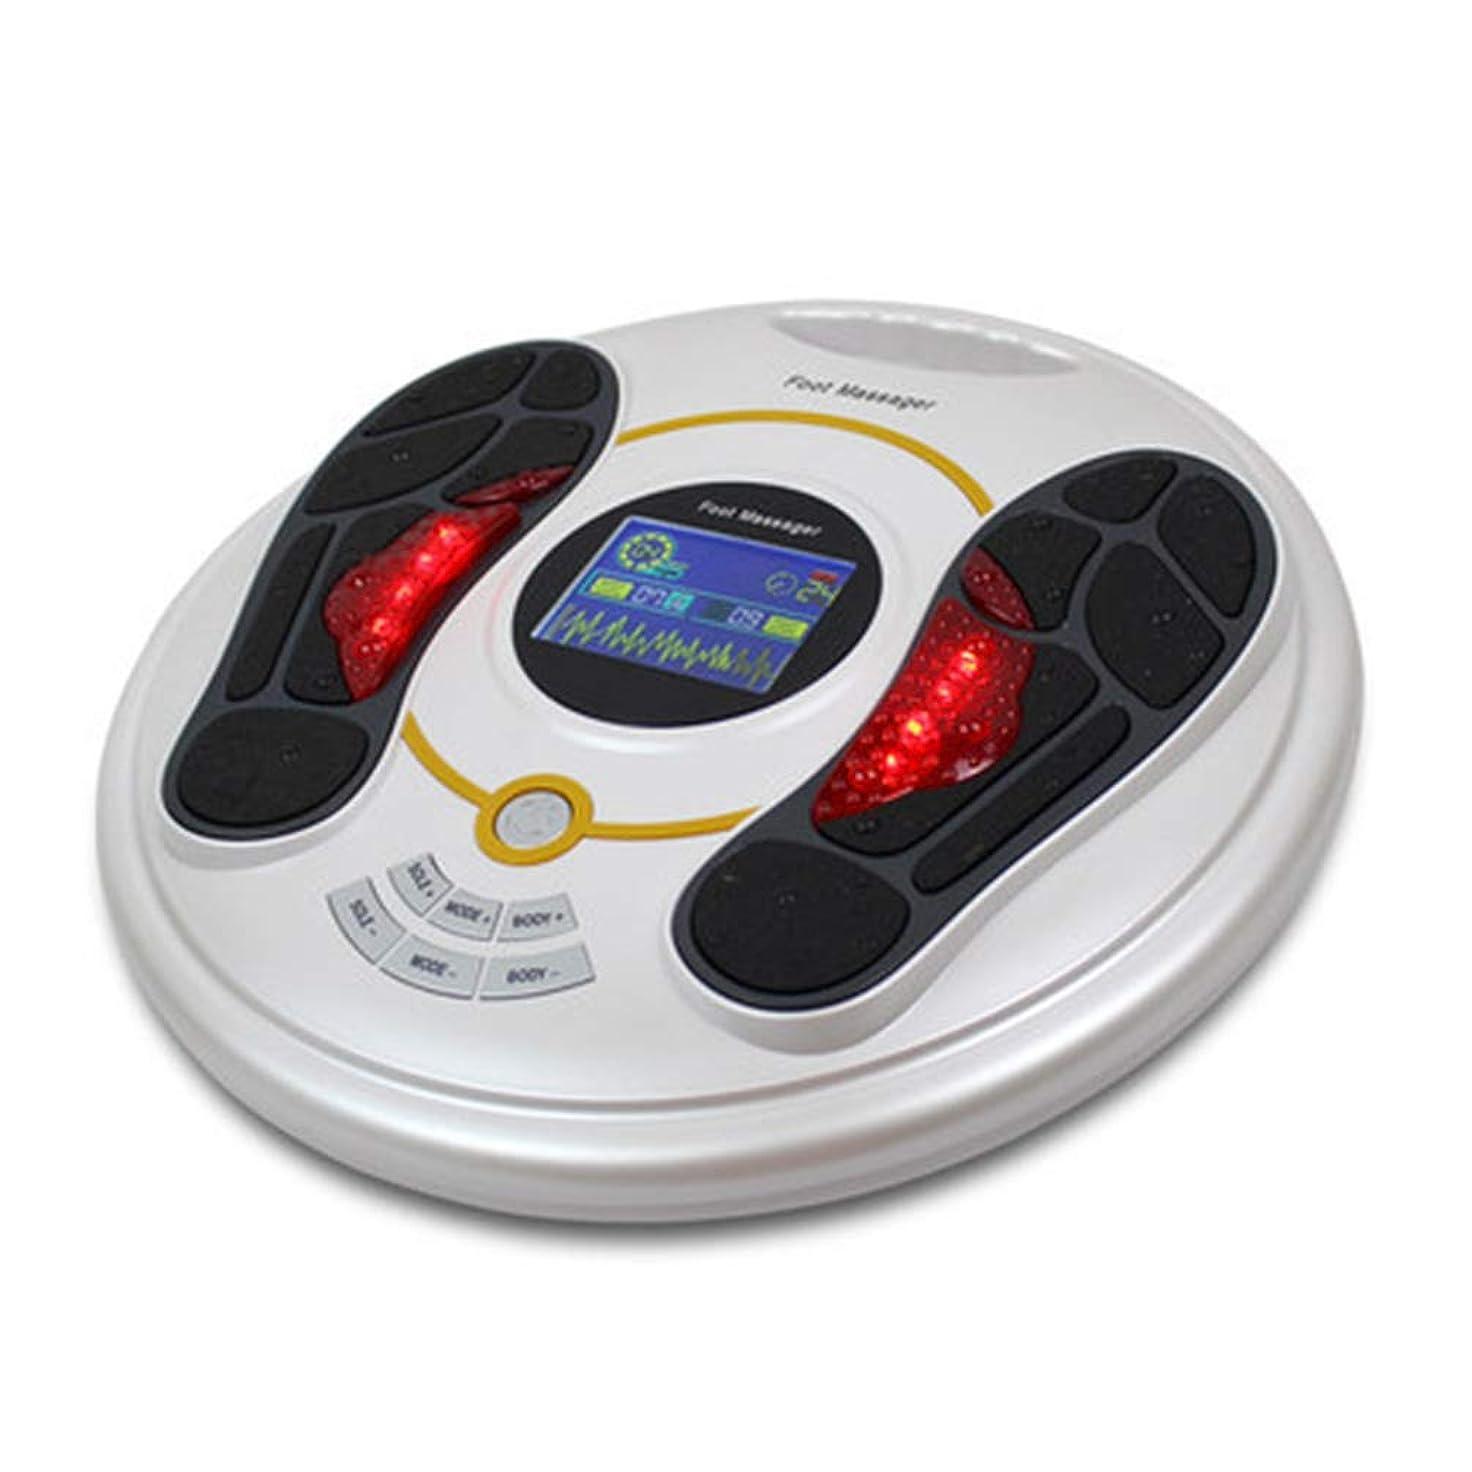 怠惰連鎖落とし穴電磁石の足のマッサージャー、指圧ボディマッサージャーの循環のマッサージャーは血循環療法の苦痛救助を刺激するために後押しします。, white